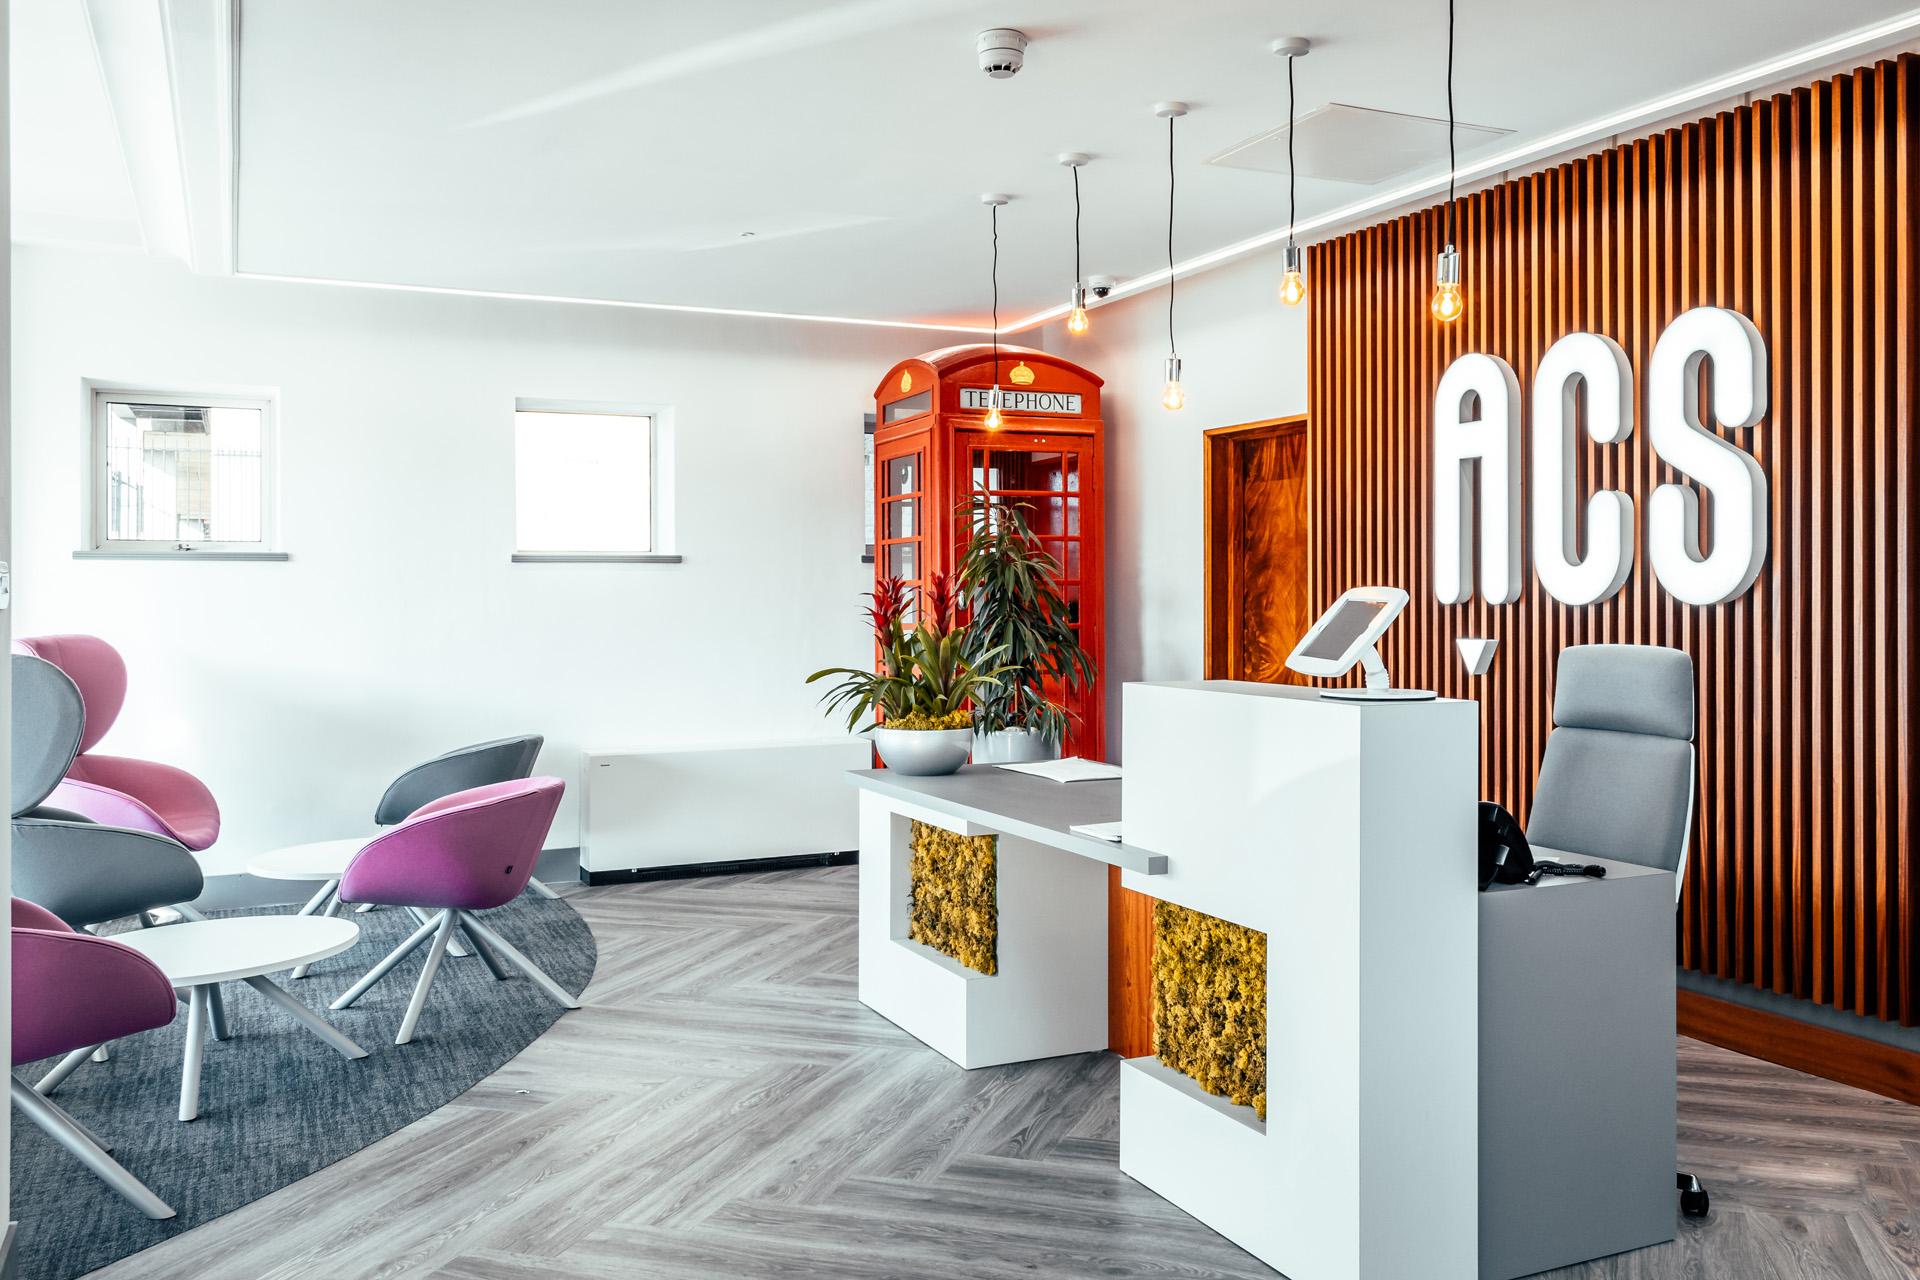 ACS Business Supplies